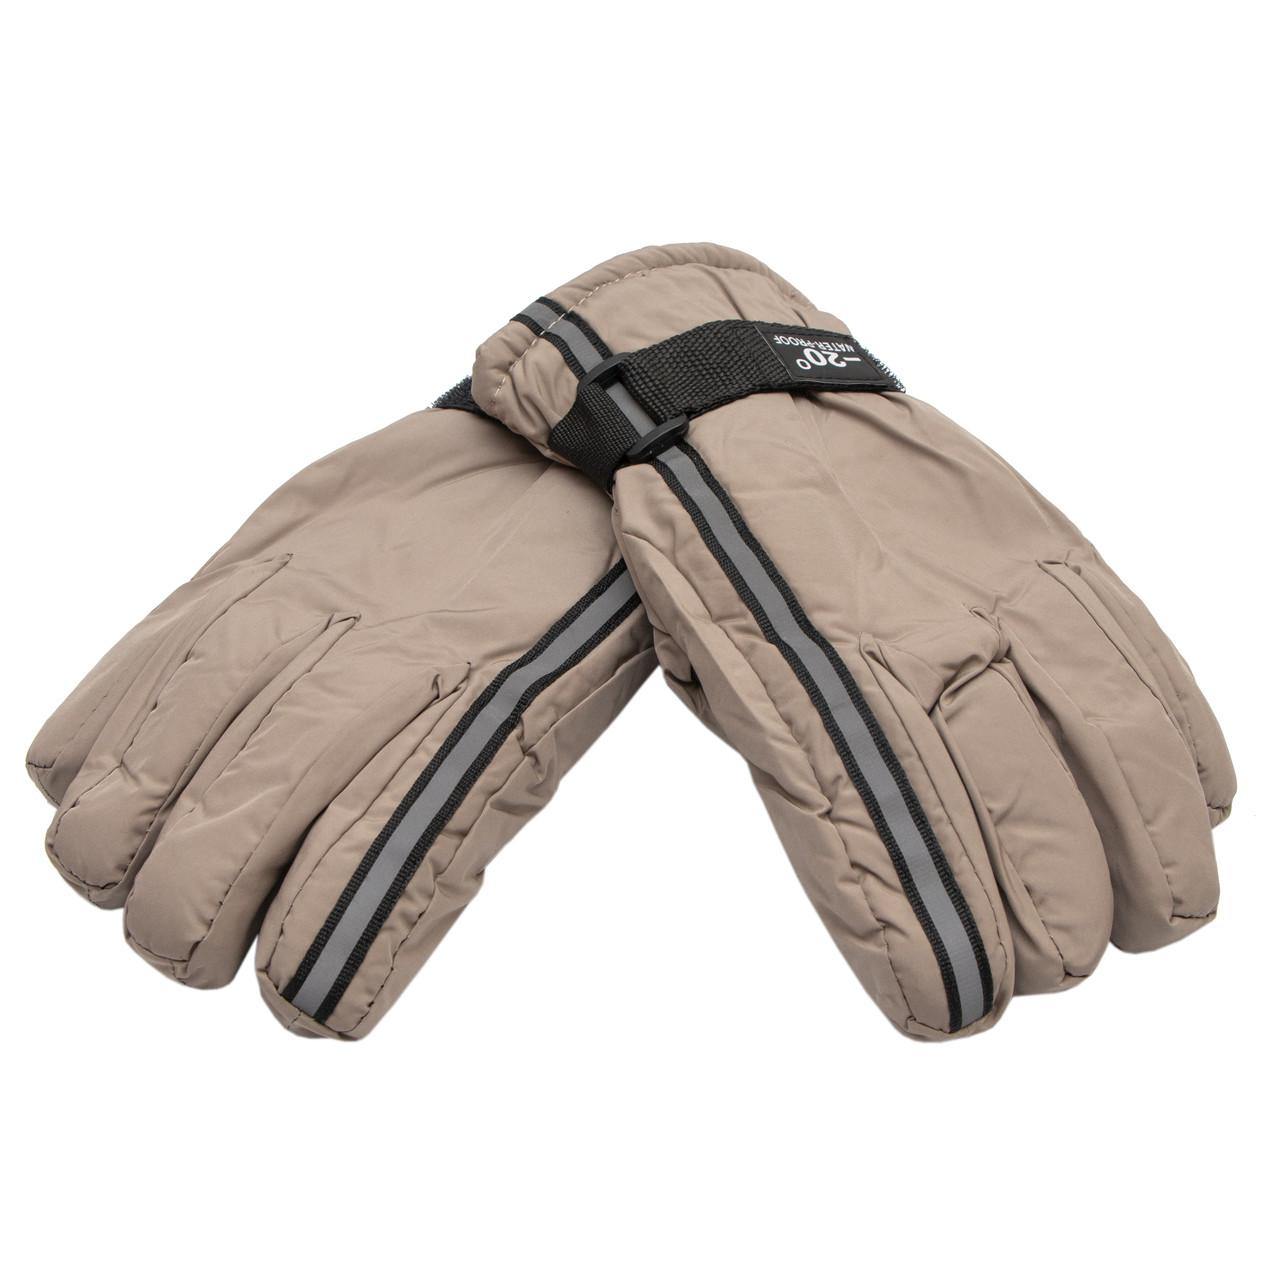 Водоотталкивающие детские (подростковые) лыжные перчатки, размер 15, бежевый, плащевка, флис, синтепон(517021)